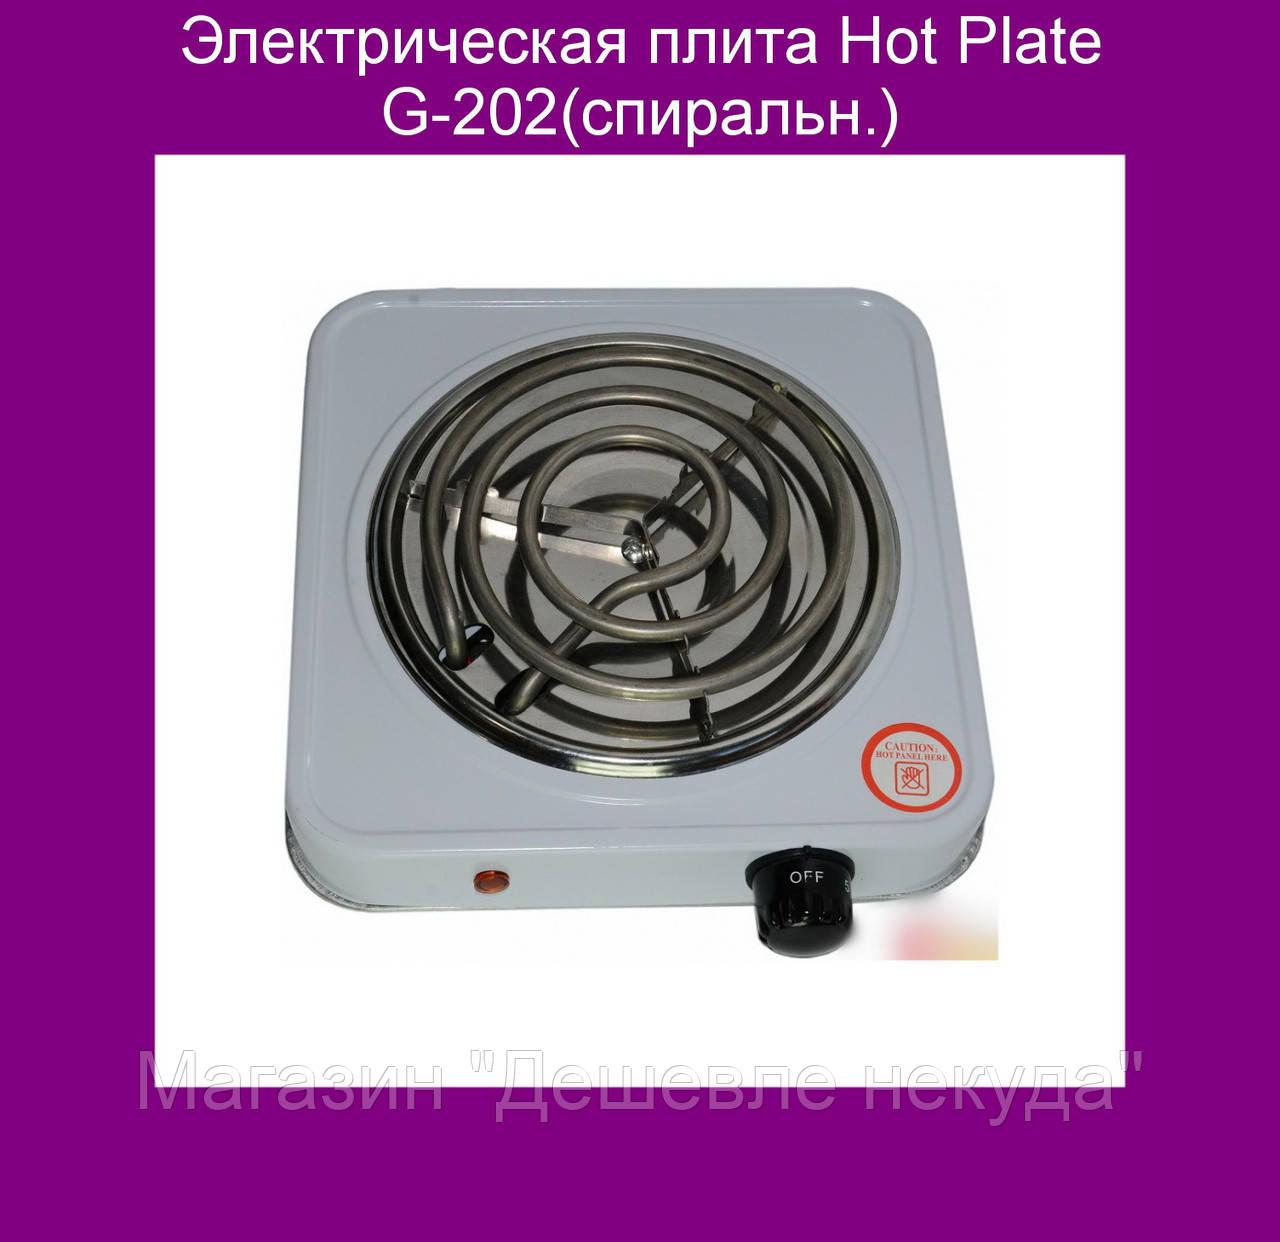 """Электрическая плита Hot Plate G-202(спиральн.) - Магазин """"Дешевле некуда"""" в Одессе"""